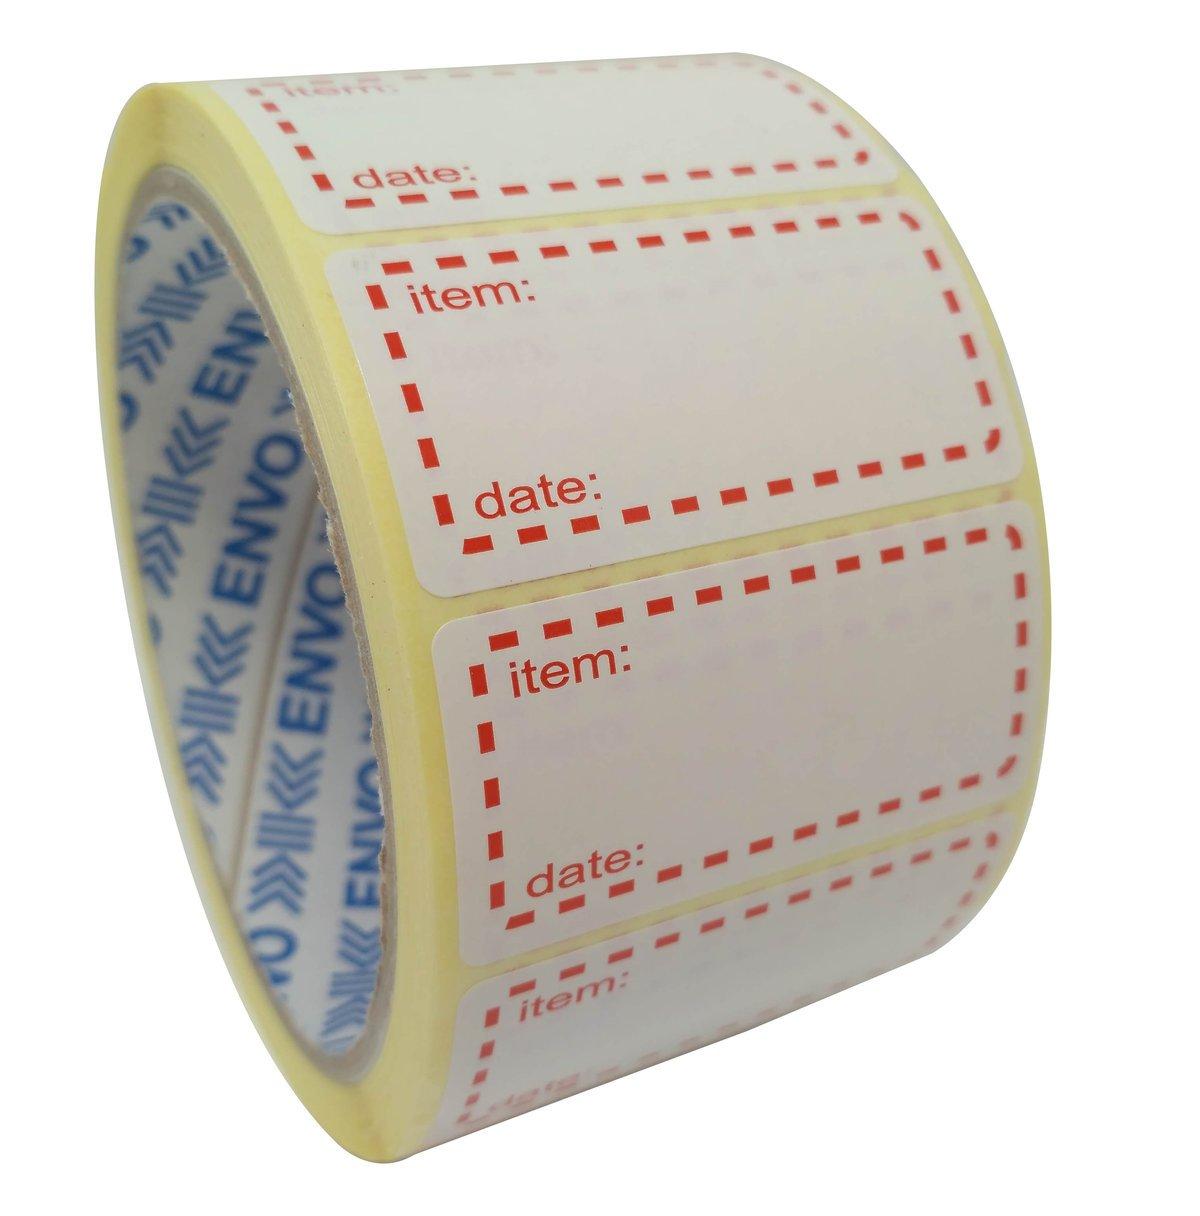 500 x Congelatore Etichette Su Rotolo, Dimensioni 50x25mm, Bianco E Rosso Data Etichette Per Alimenti Autoadesivi ENVO